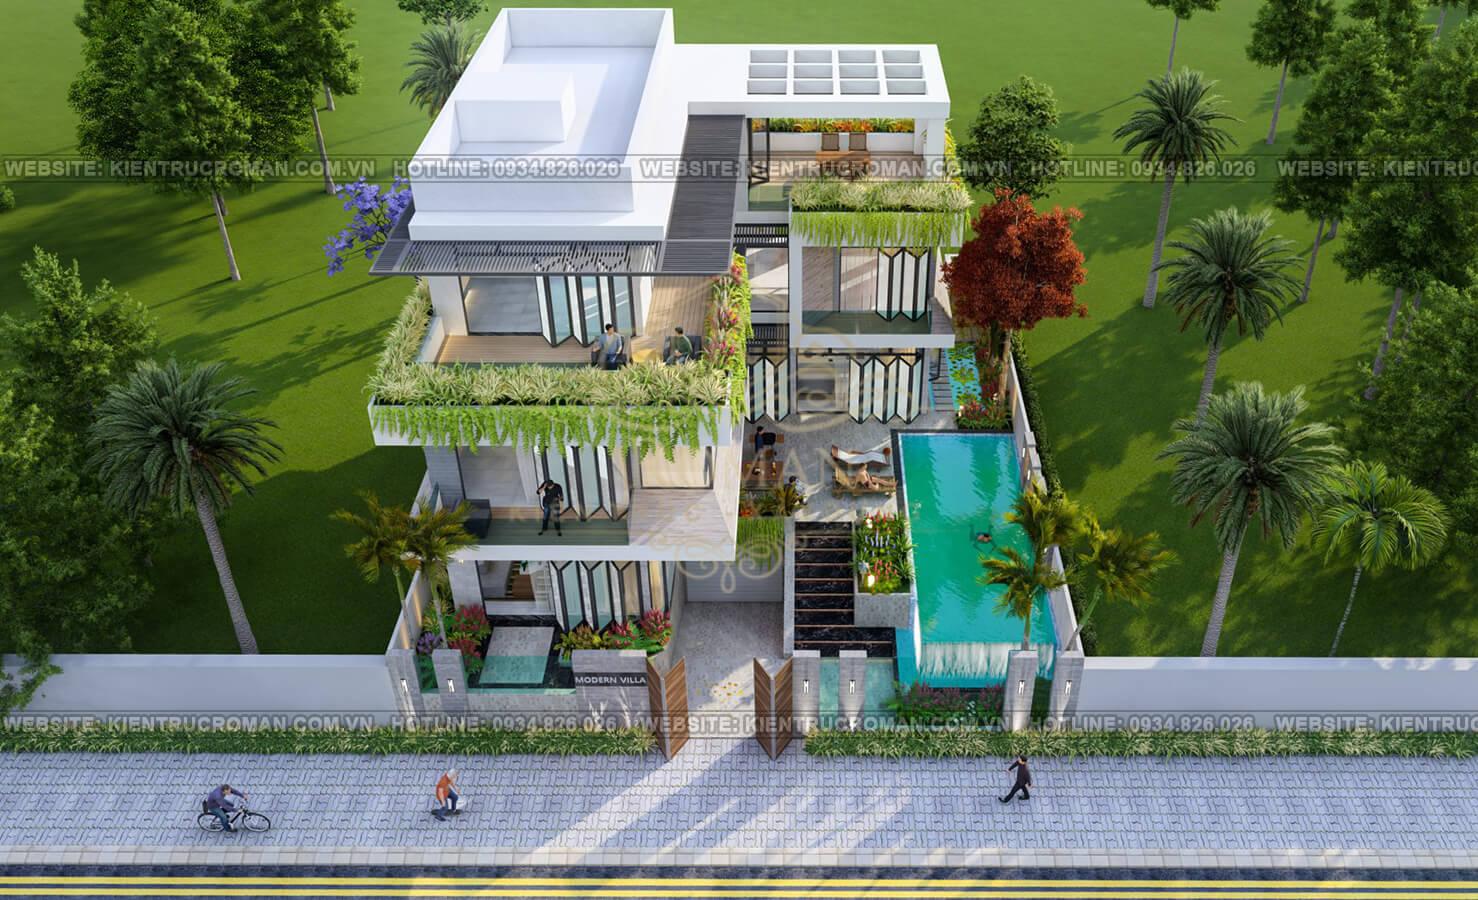 mẫu biệt thự 3 tầng hiện đại 1